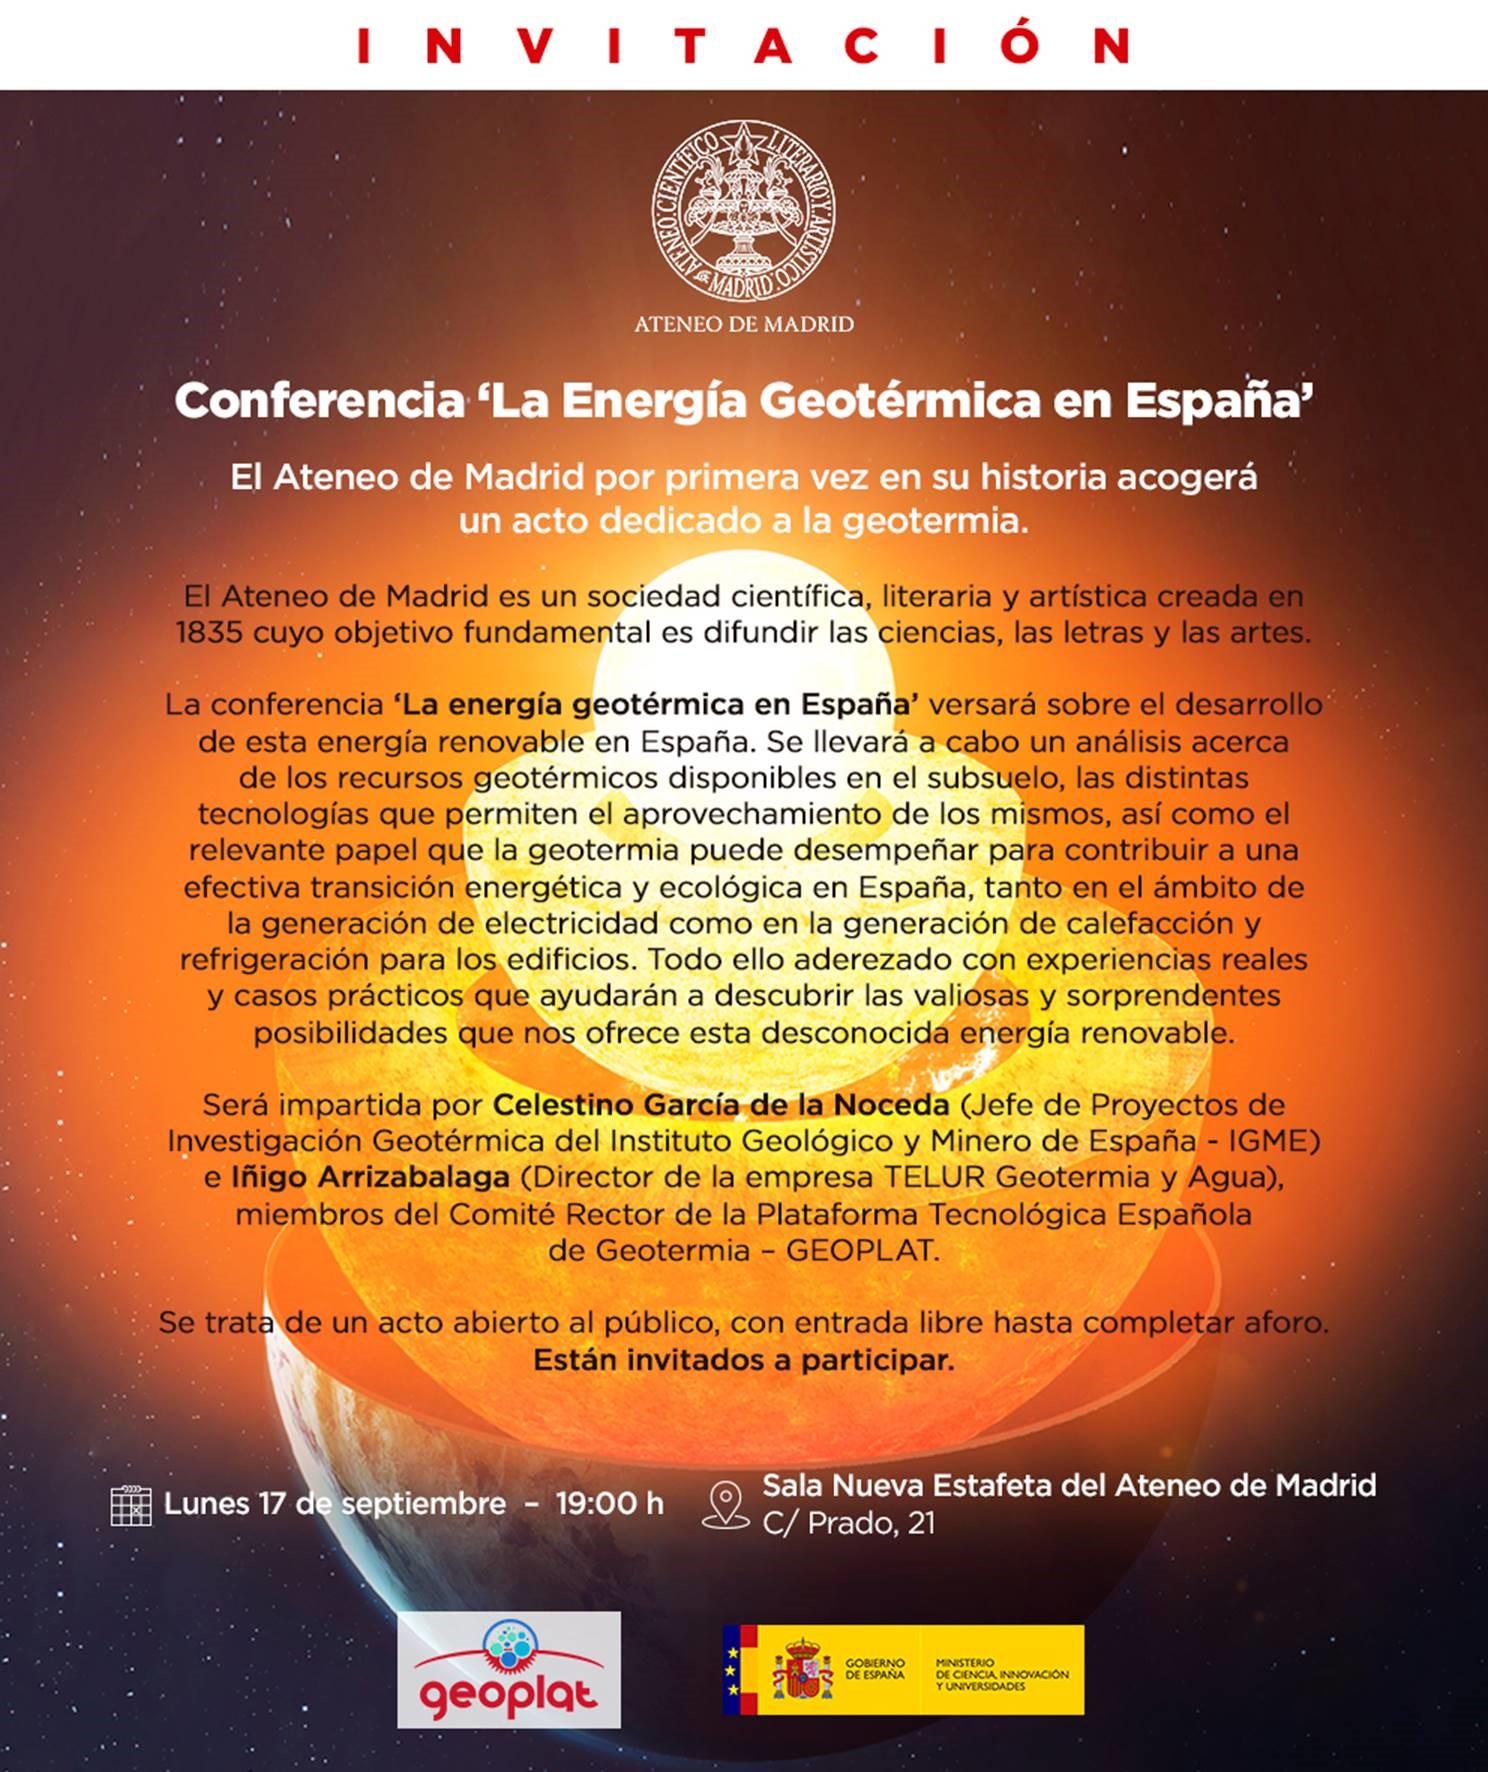 (Español) Conferencia en el Ateneo de Madrid: 'La Energía Geotérmica en España' (17 septiembre 2018, 19h)